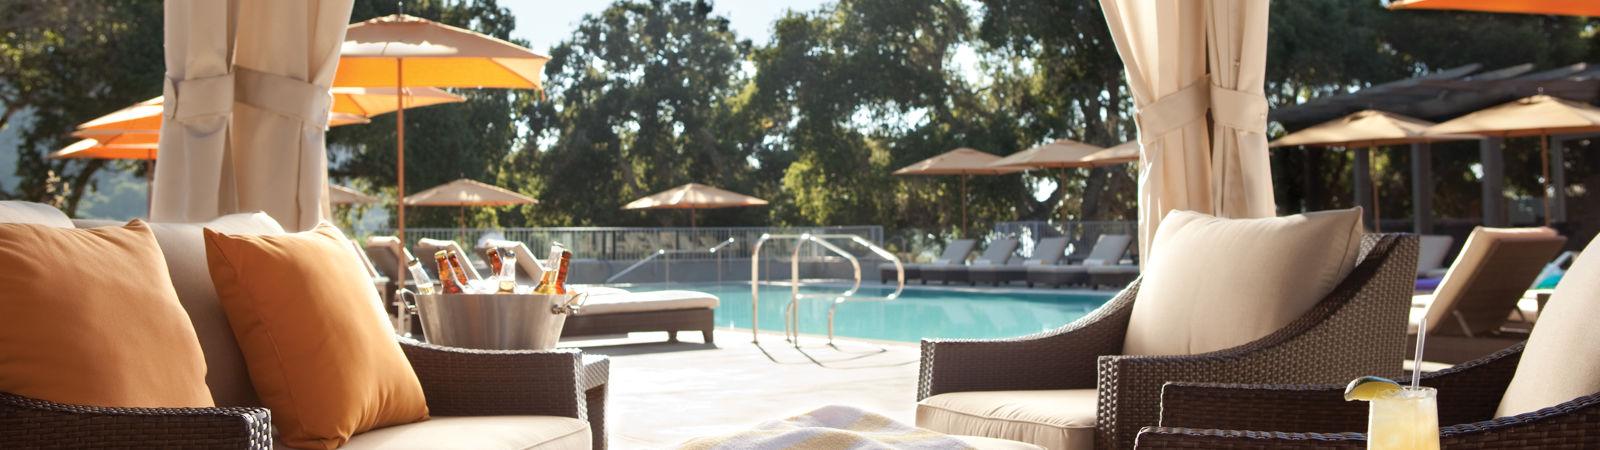 Carmel Valley Ranch_Property_Pool_Cabanas at lodge